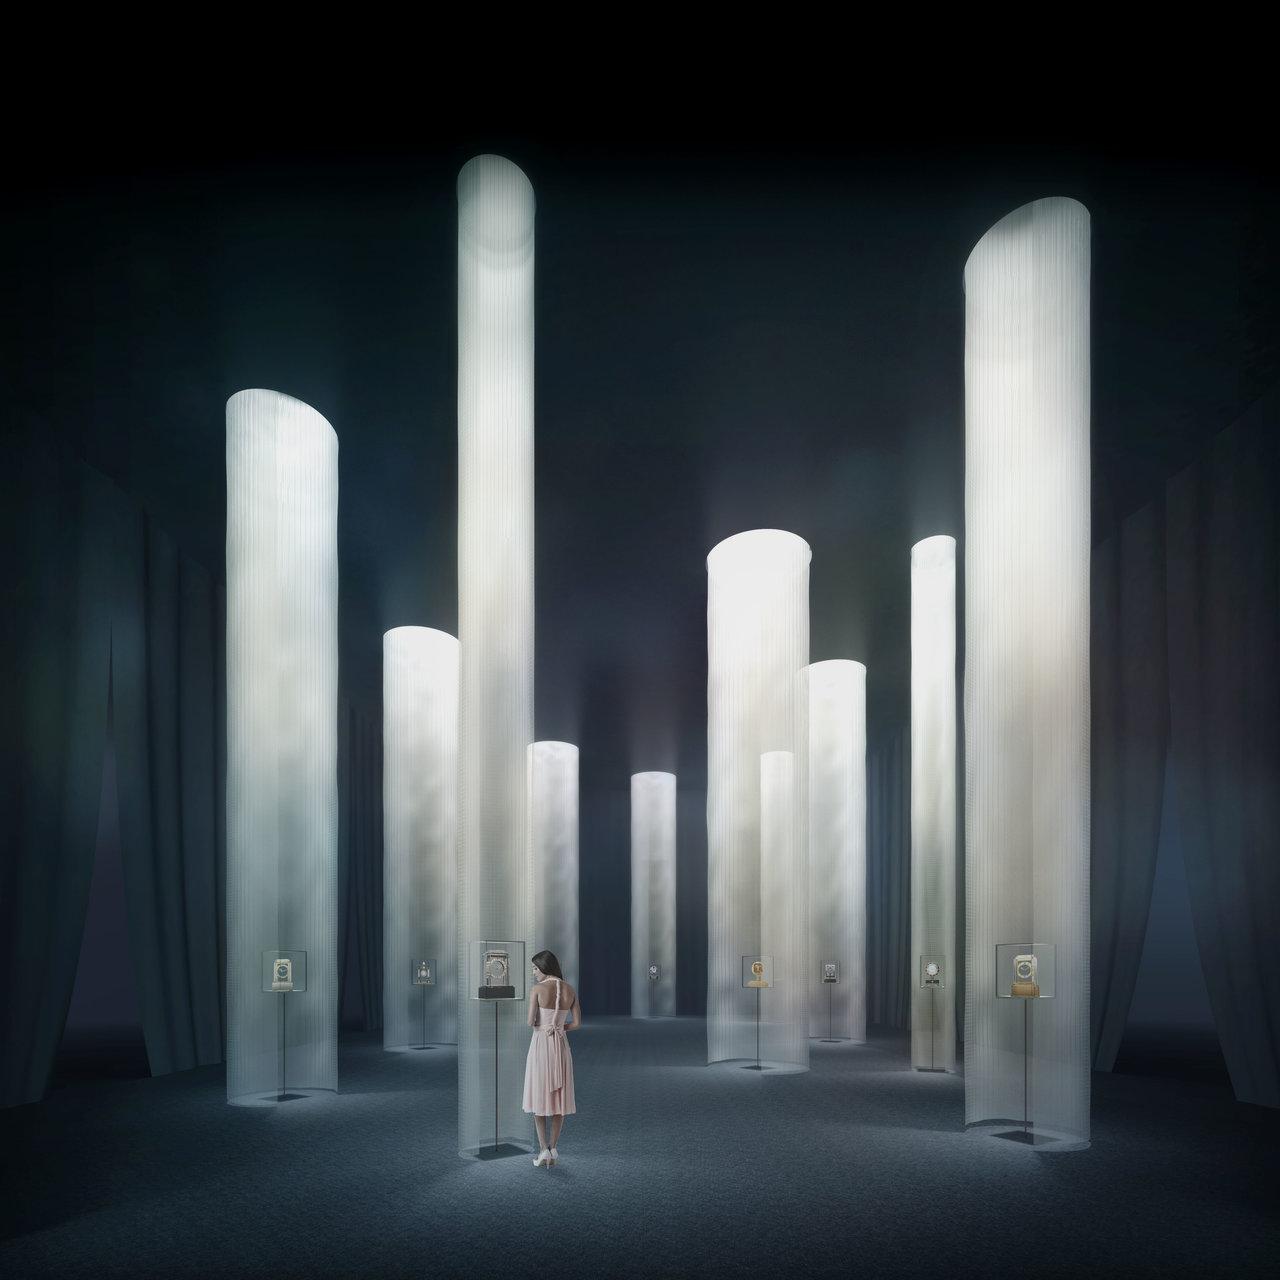 時を超えた永遠の美に迫る「カルティエ、時の結晶」開催|Cartier